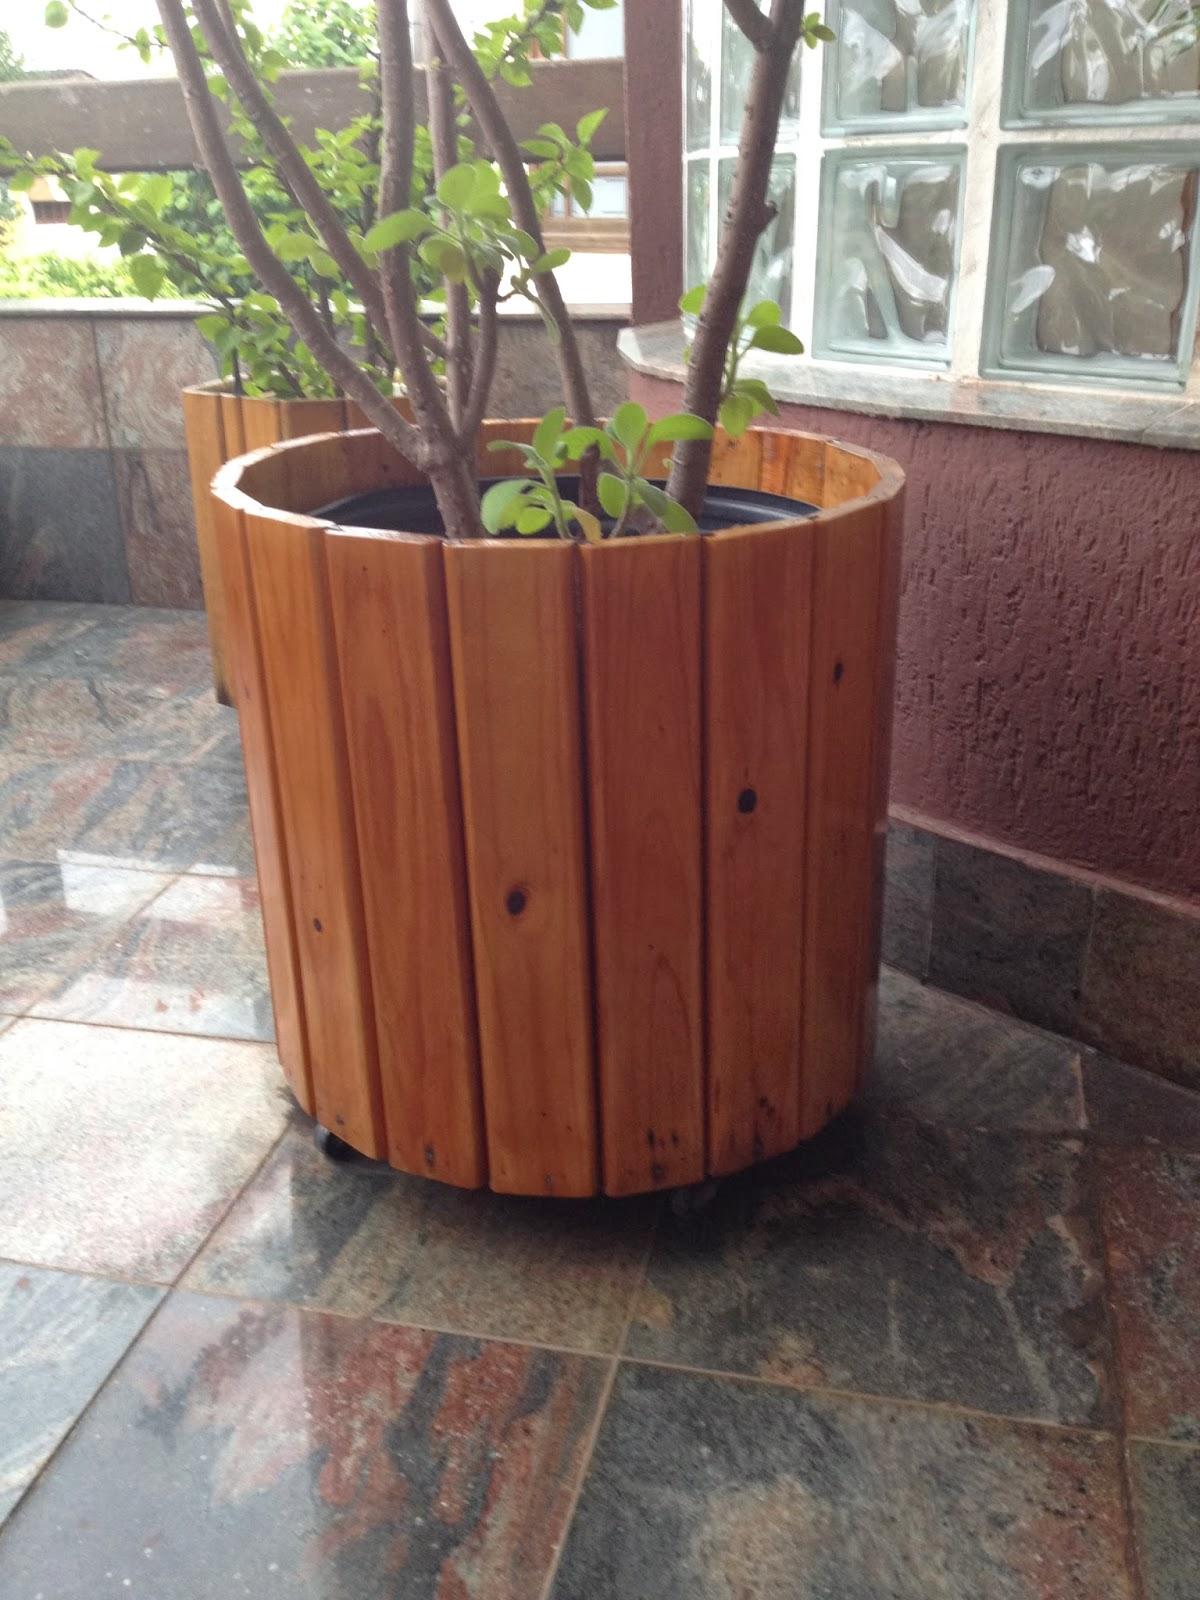 Atelier do zero vaso grande feito em madeira pinho for Vaso grande